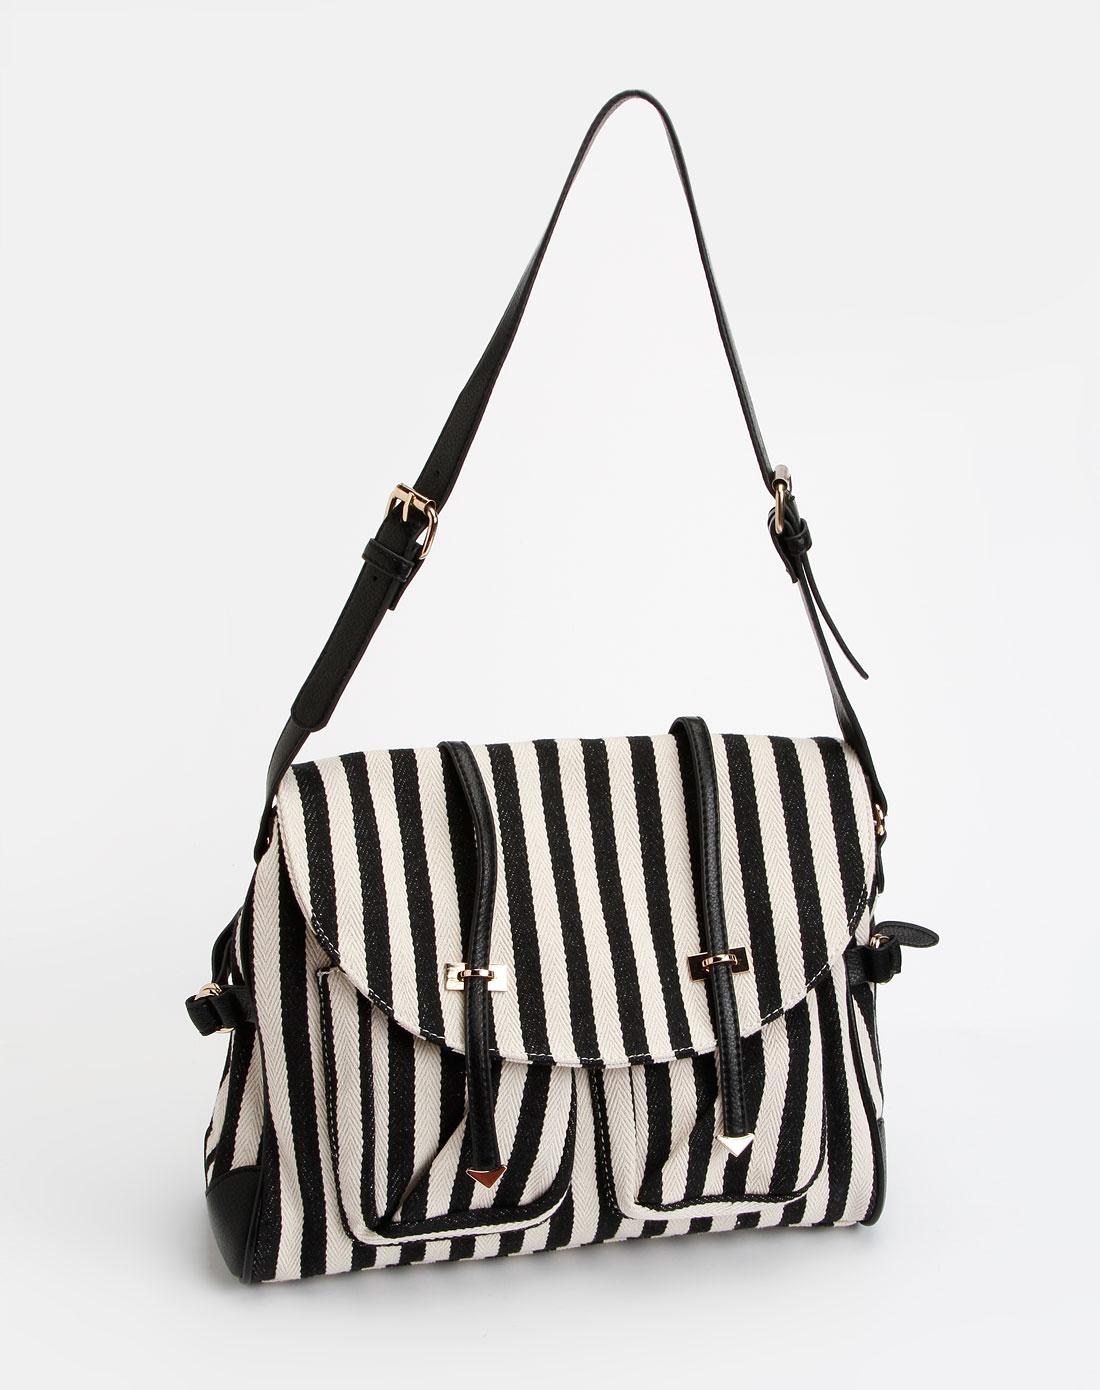 黑色沙滩条纹系列时尚手提包